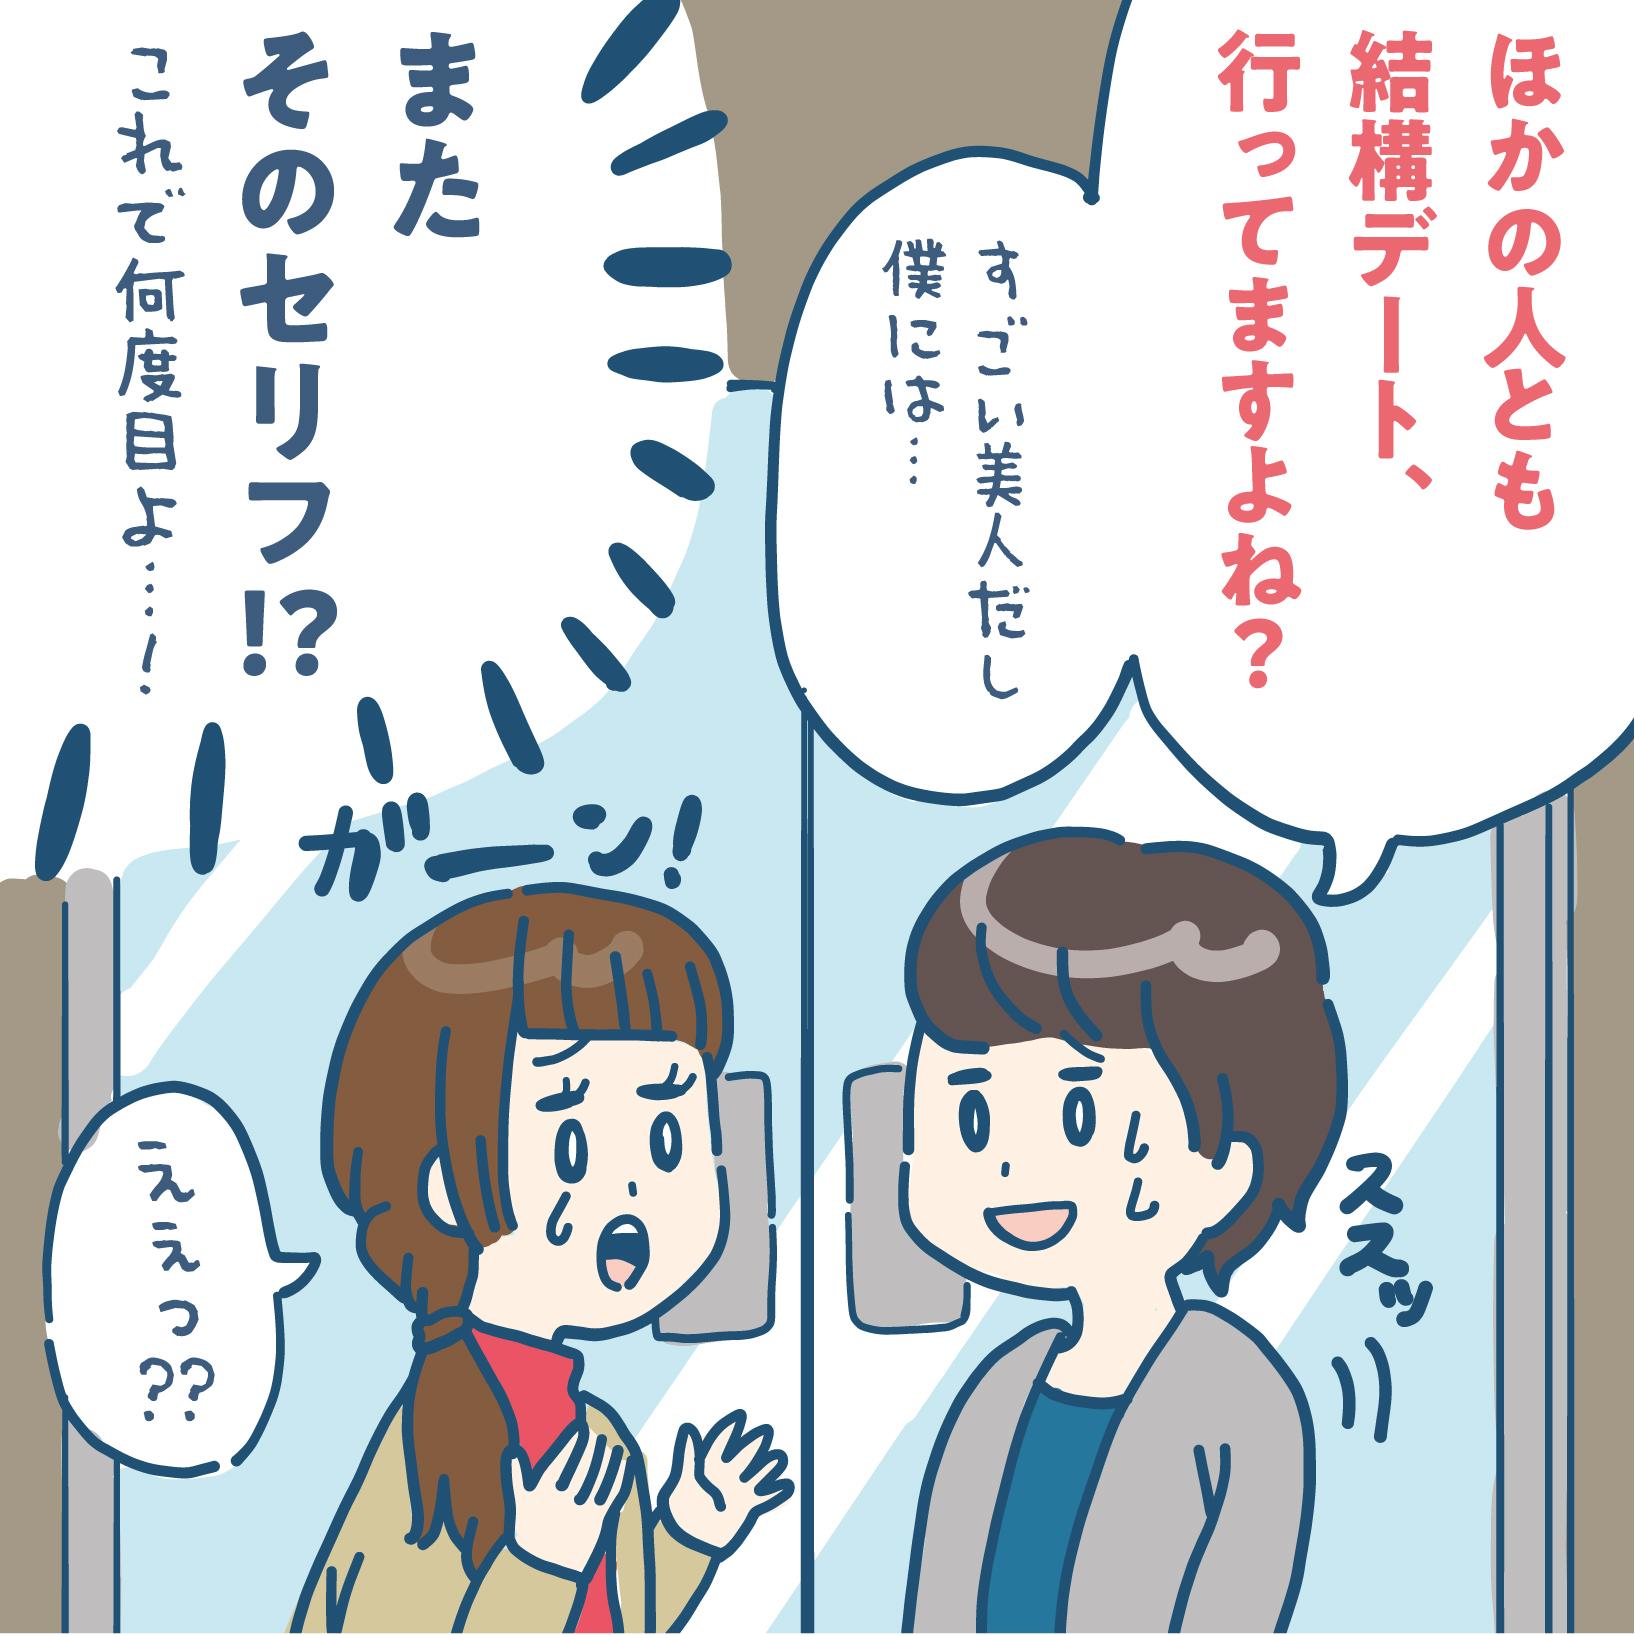 オンナの幸せ道開き Vol.8【絶賛婚活中、うまくいきません…】